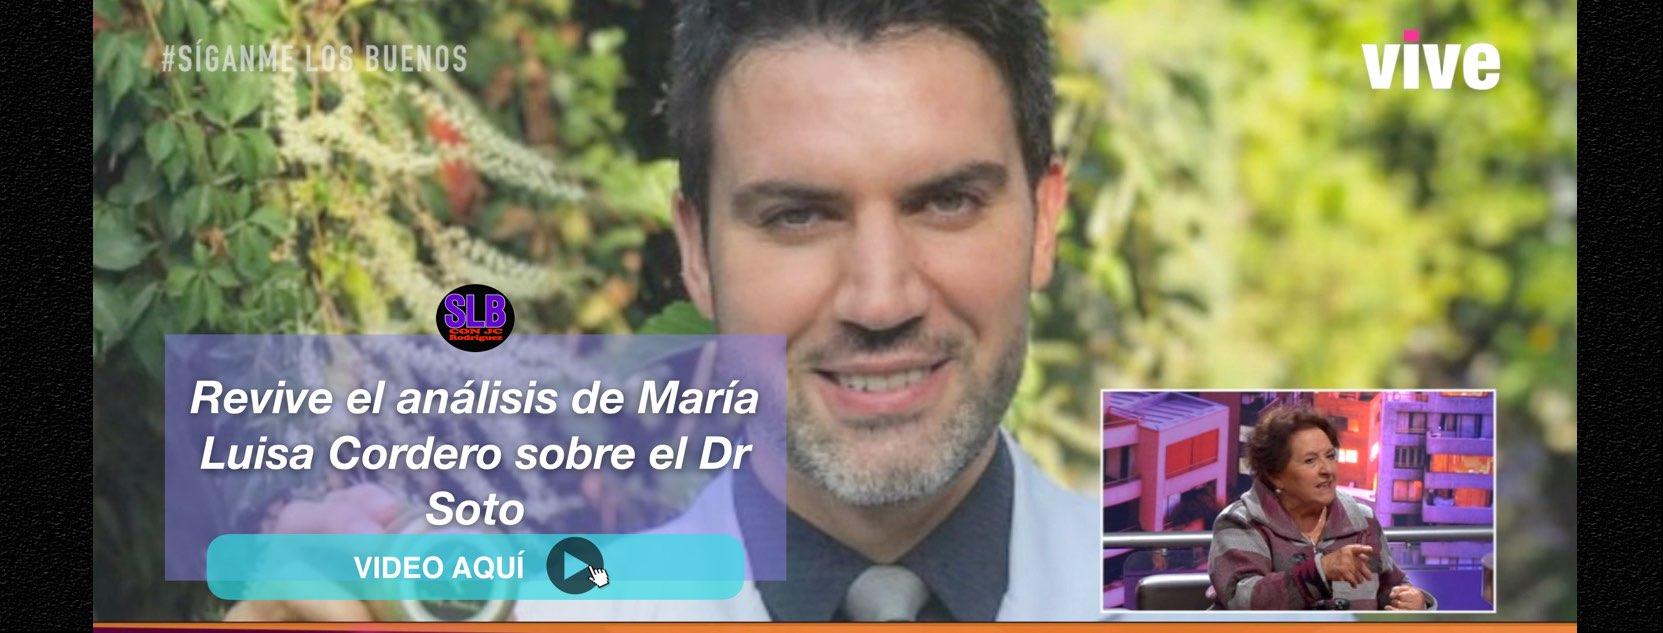 doctora-cordero-doctor-soto